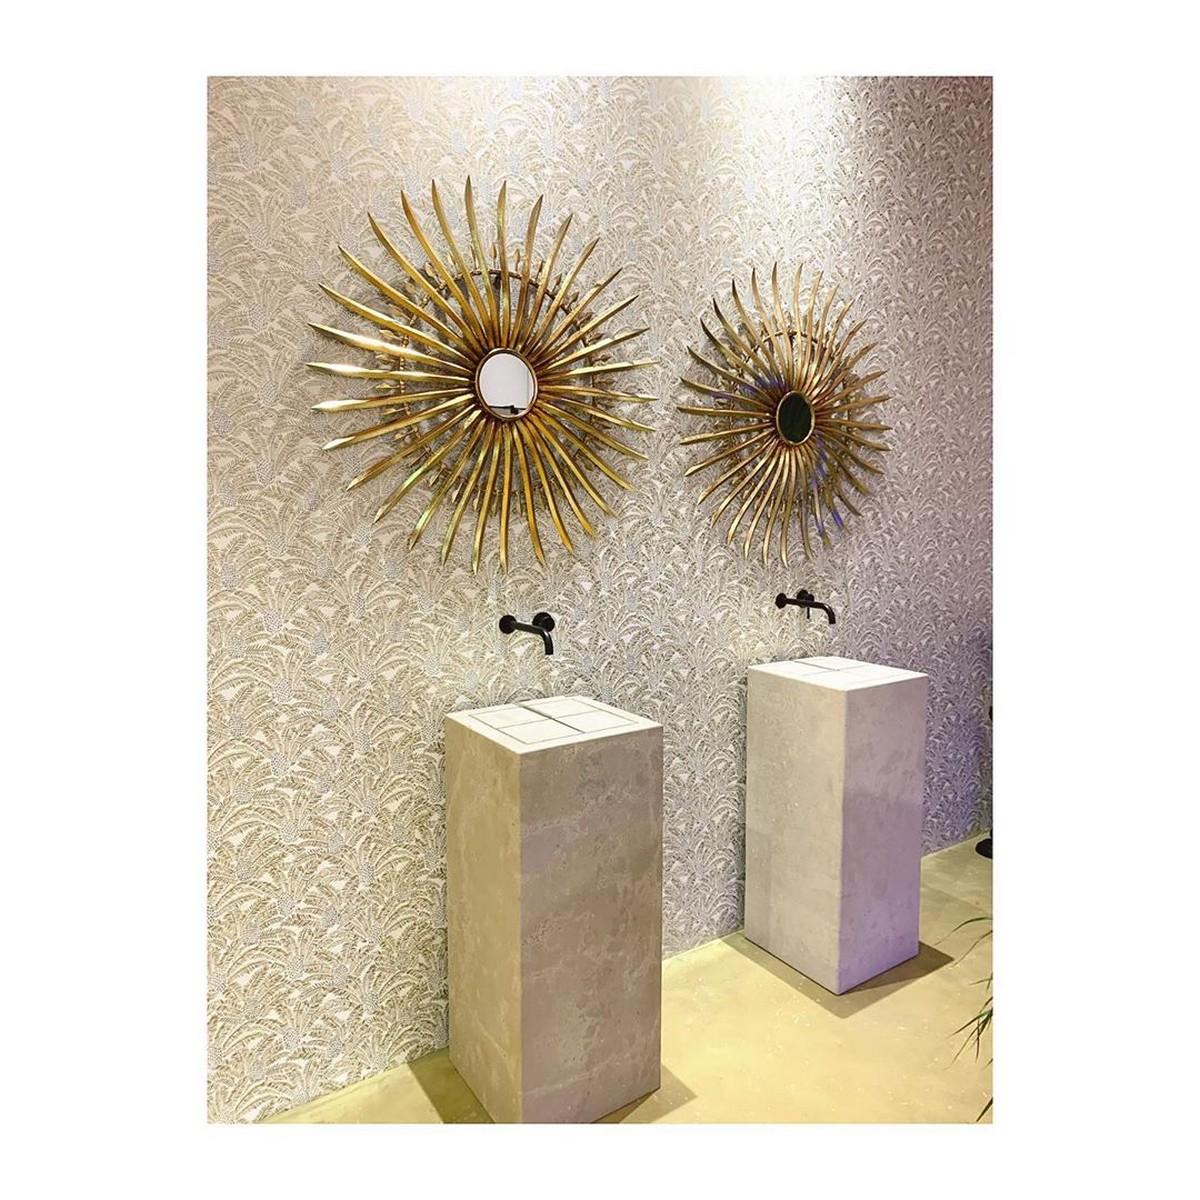 Evento Lujuoso: 5 Diseñadores en Marbella Design Fair [object object] Evento Lujuoso: 5 Diseñadores en Marbella Design Fair 120102318 179728186937157 8615149488074552283 n